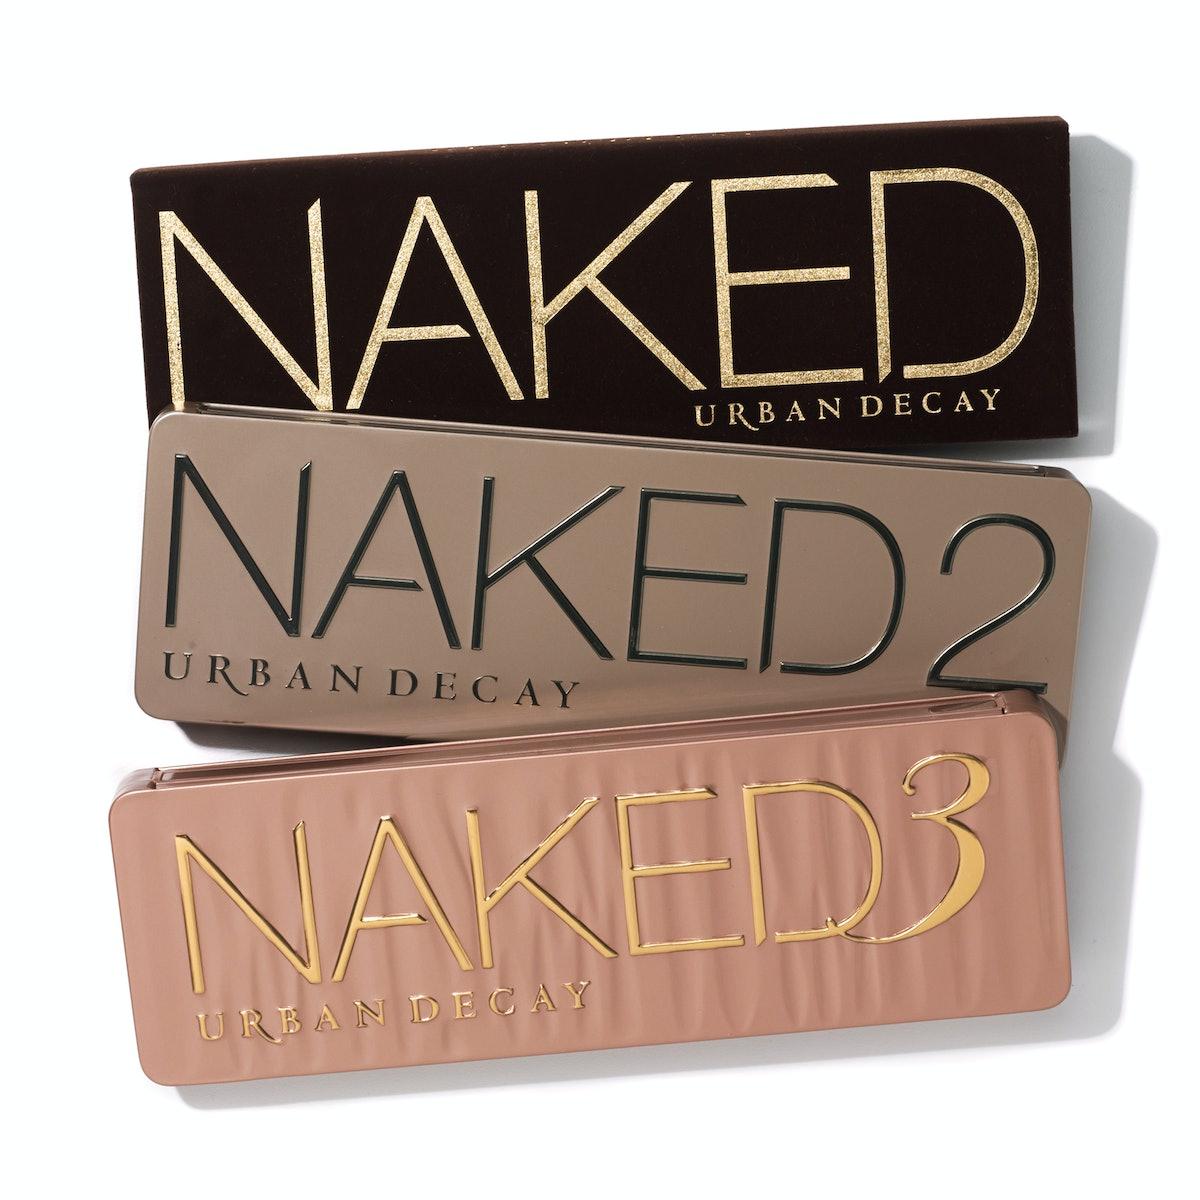 Urban Decay Naked Vault makeup set